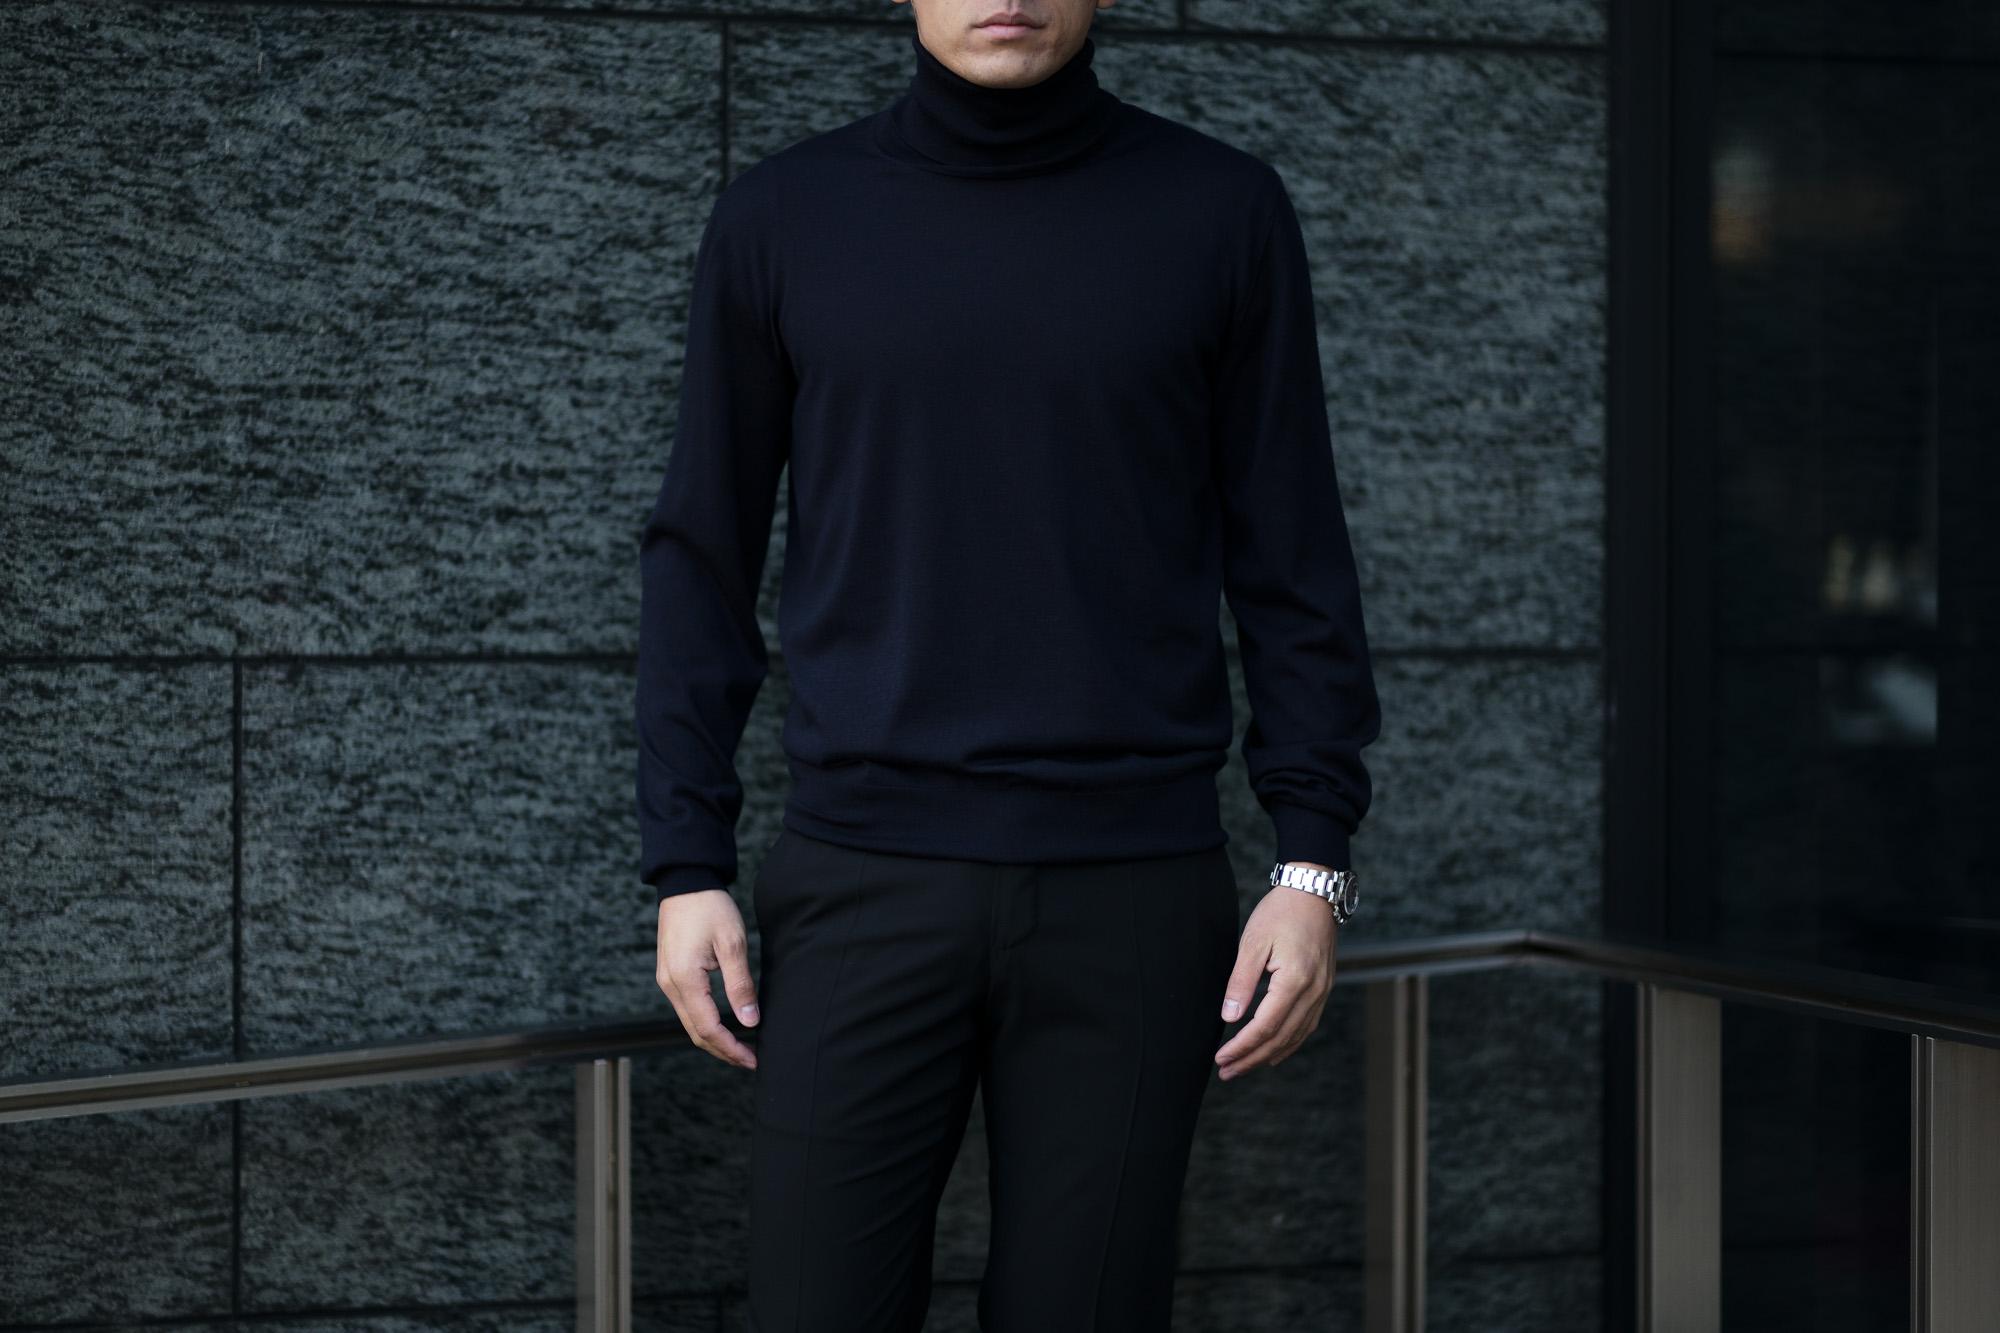 """MANRICO CASHMERE """"Silk Cashmere Wool"""" Turtle Neck Sweater M050 0002 BLACK(ブラック),SNOW WHITE(スノーホワイト),DRESS BLUES(ドレスブルー),ROYAL BLUE(ロイヤルブルー),SABLE(グレージュ),GREY STONE(ダークグレー),AZTEC(ブラウン),CAMEL(キャメル),KOMBU GREEN(グリーン),YELLOW(イエロー),GRENADINE(オレンジ),HIGH RISK RED(ハイリスクレッド) MADE IN ITALY(イタリア製) 2020AW マンリコカシミア カシミヤ シルク カシミヤ ウール ニット イタリア製 altoediritto アルトエデリット 愛知 名古屋"""